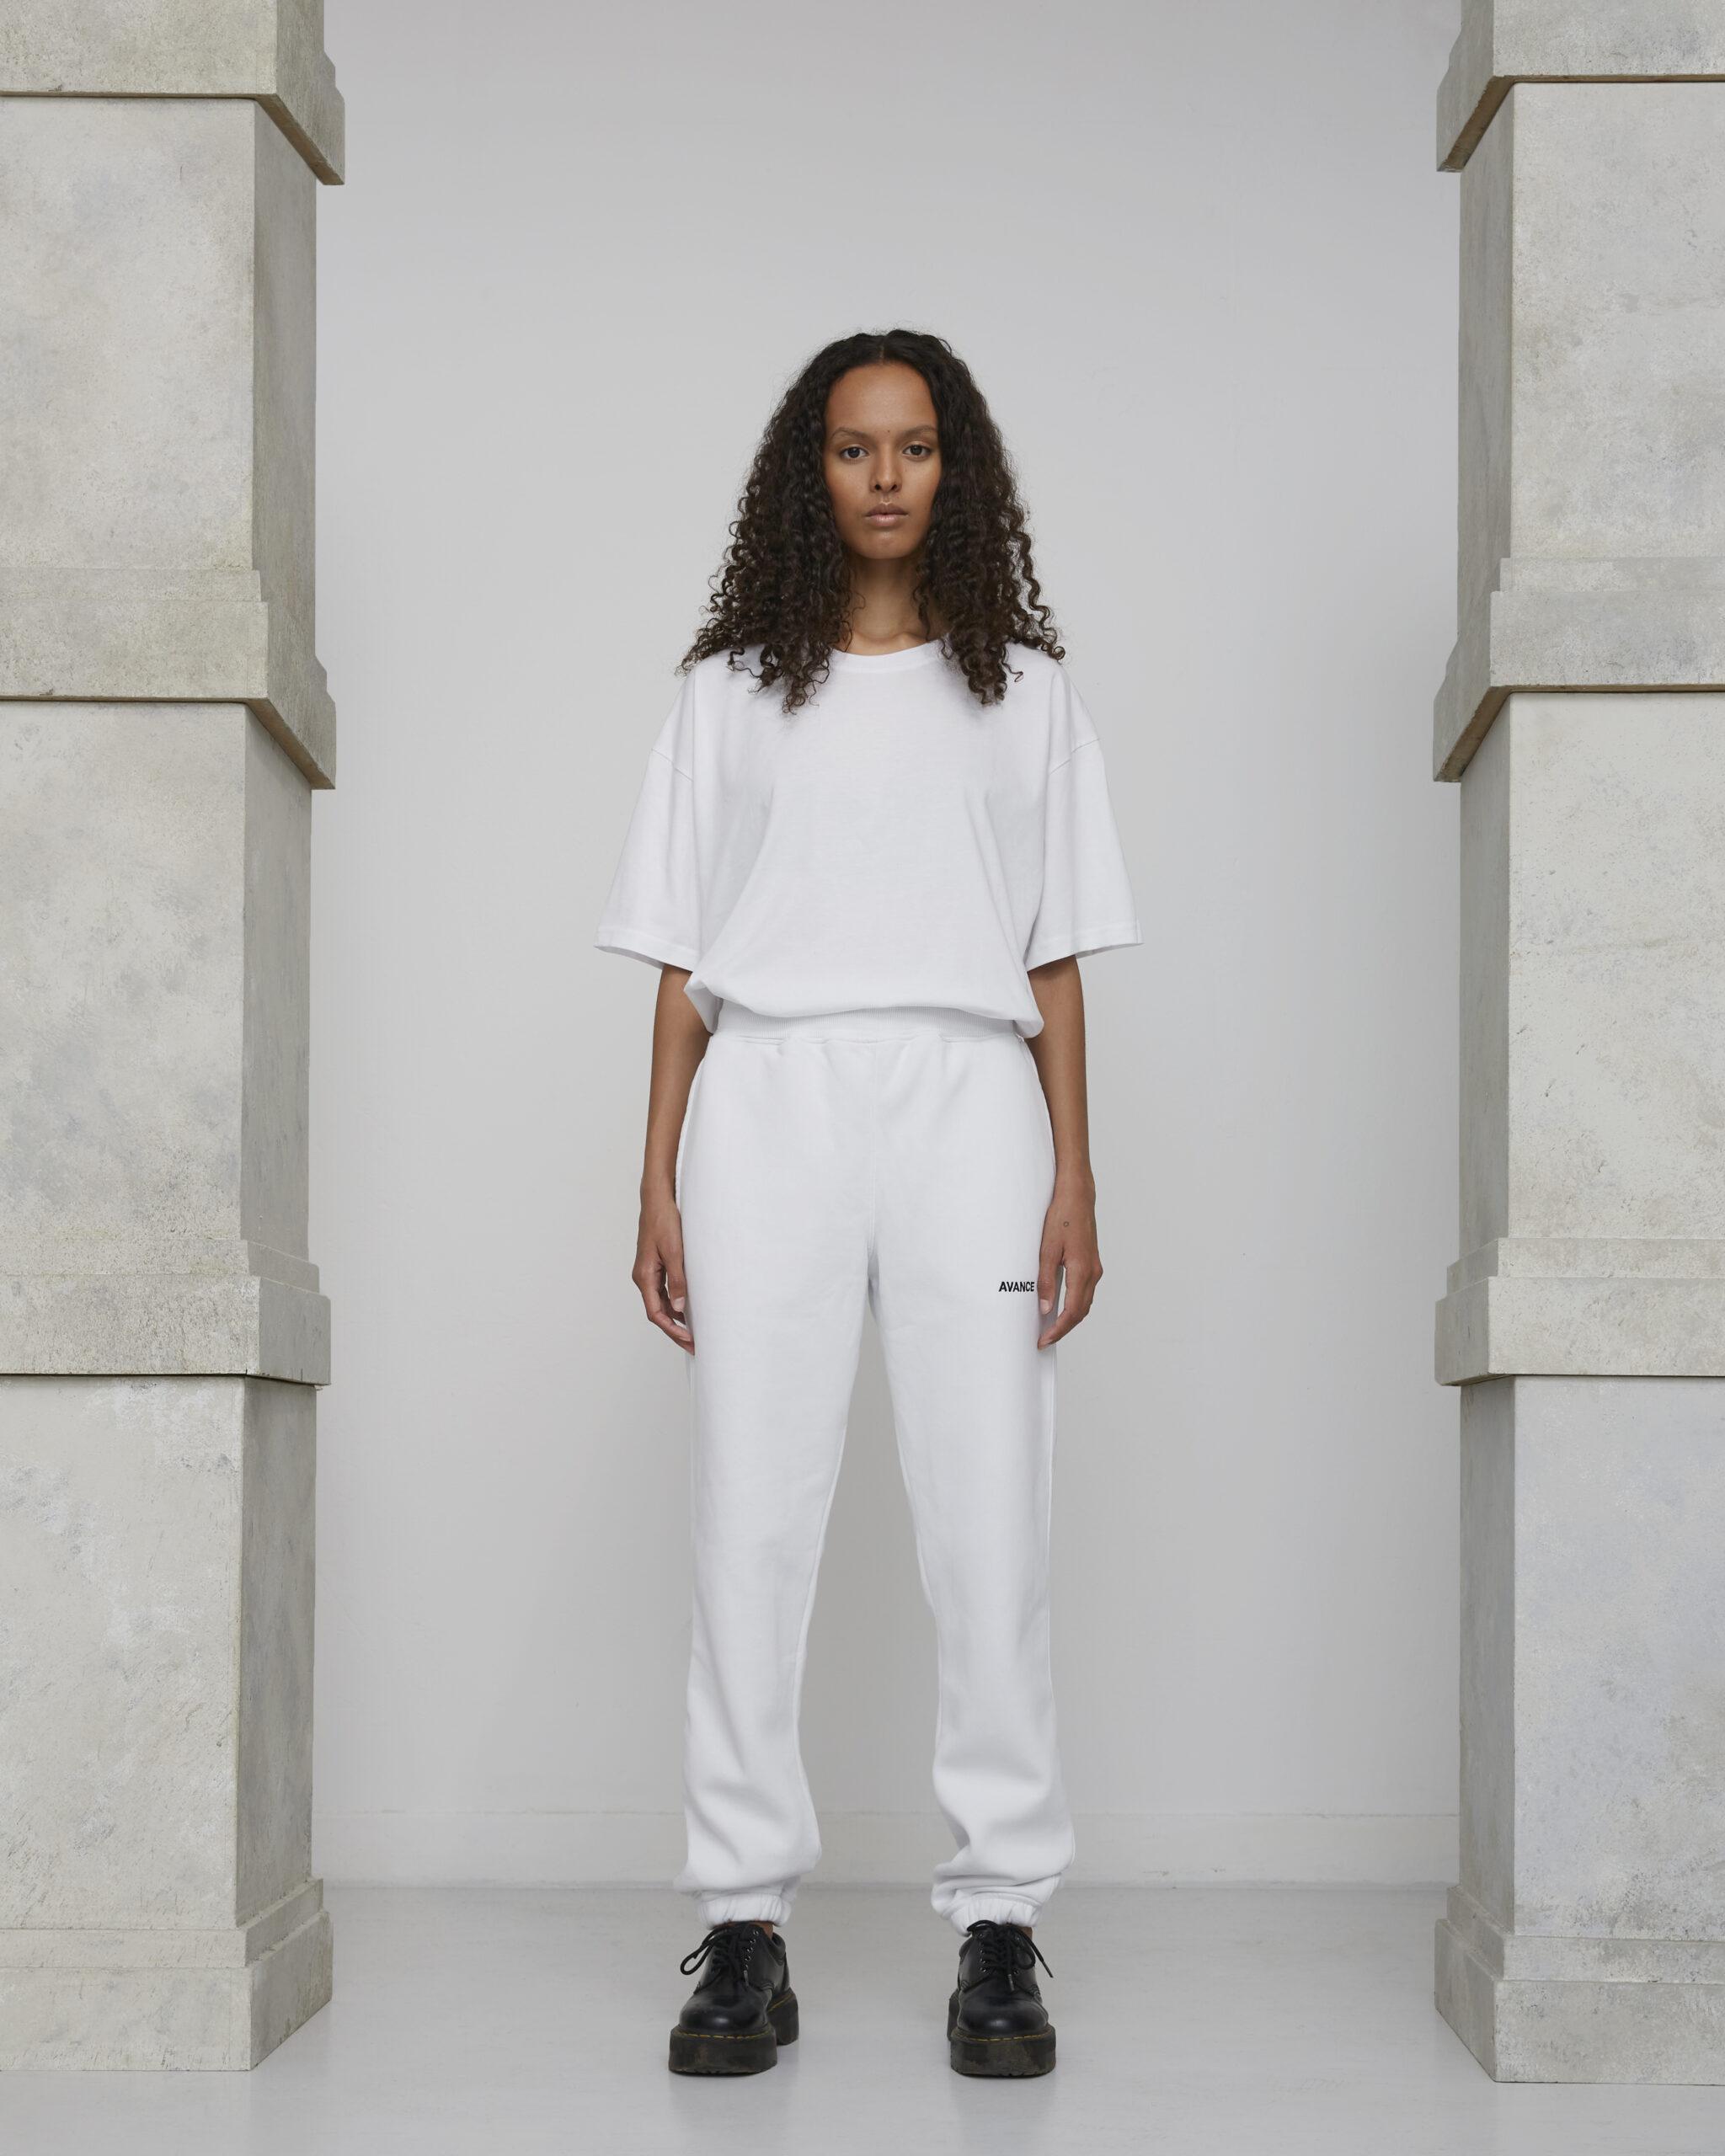 Avance t-shirt white